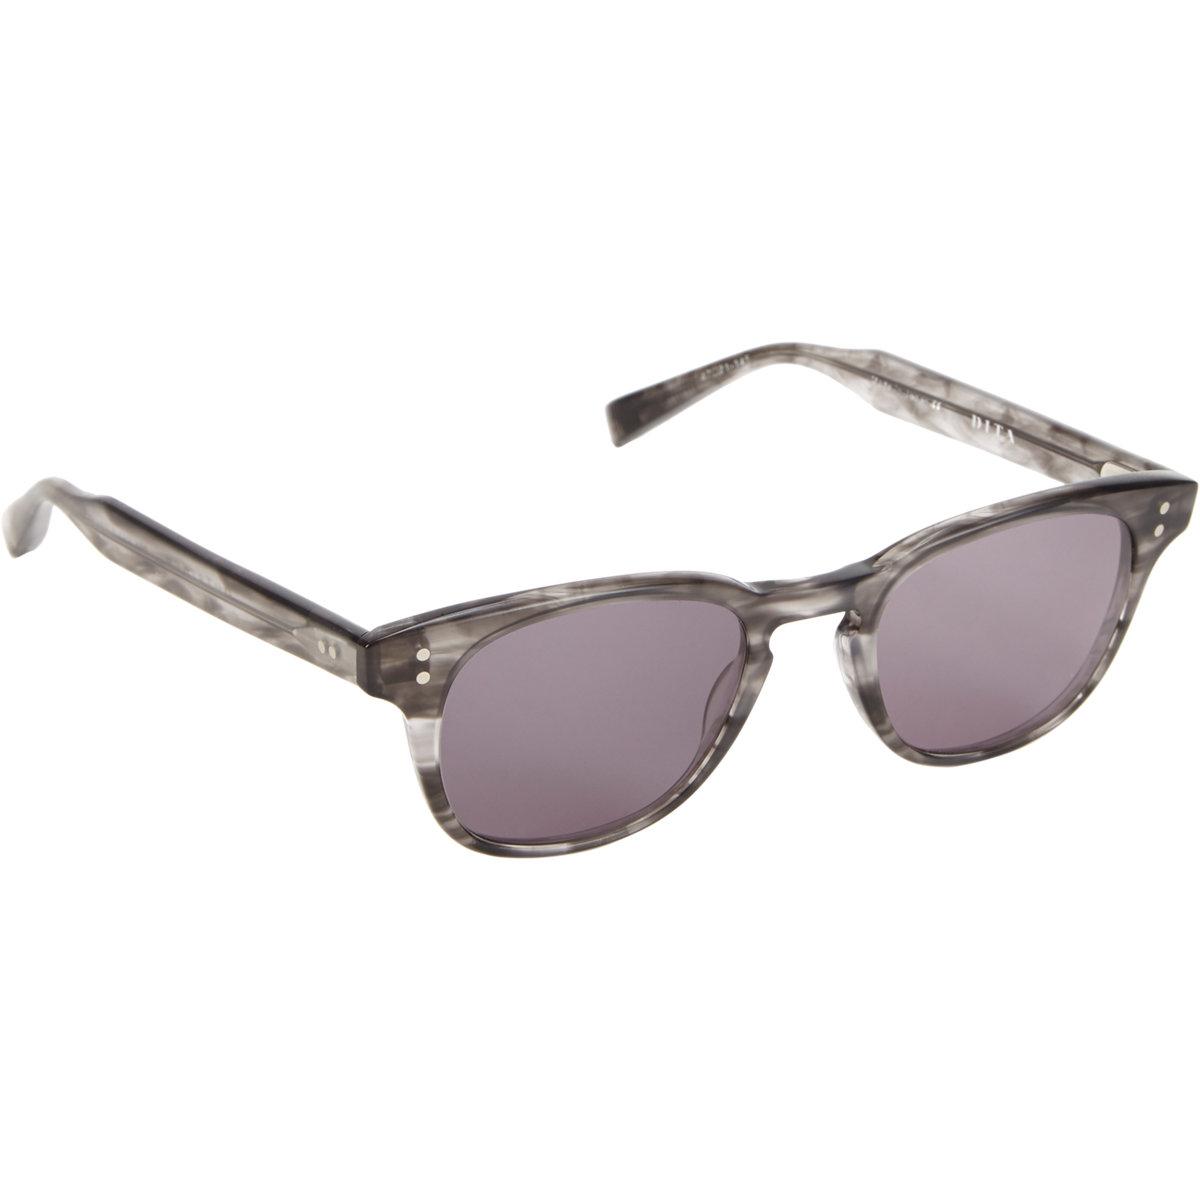 5212e7a273dd Lyst - DITA Outsider Sunglasses in Gray for Men